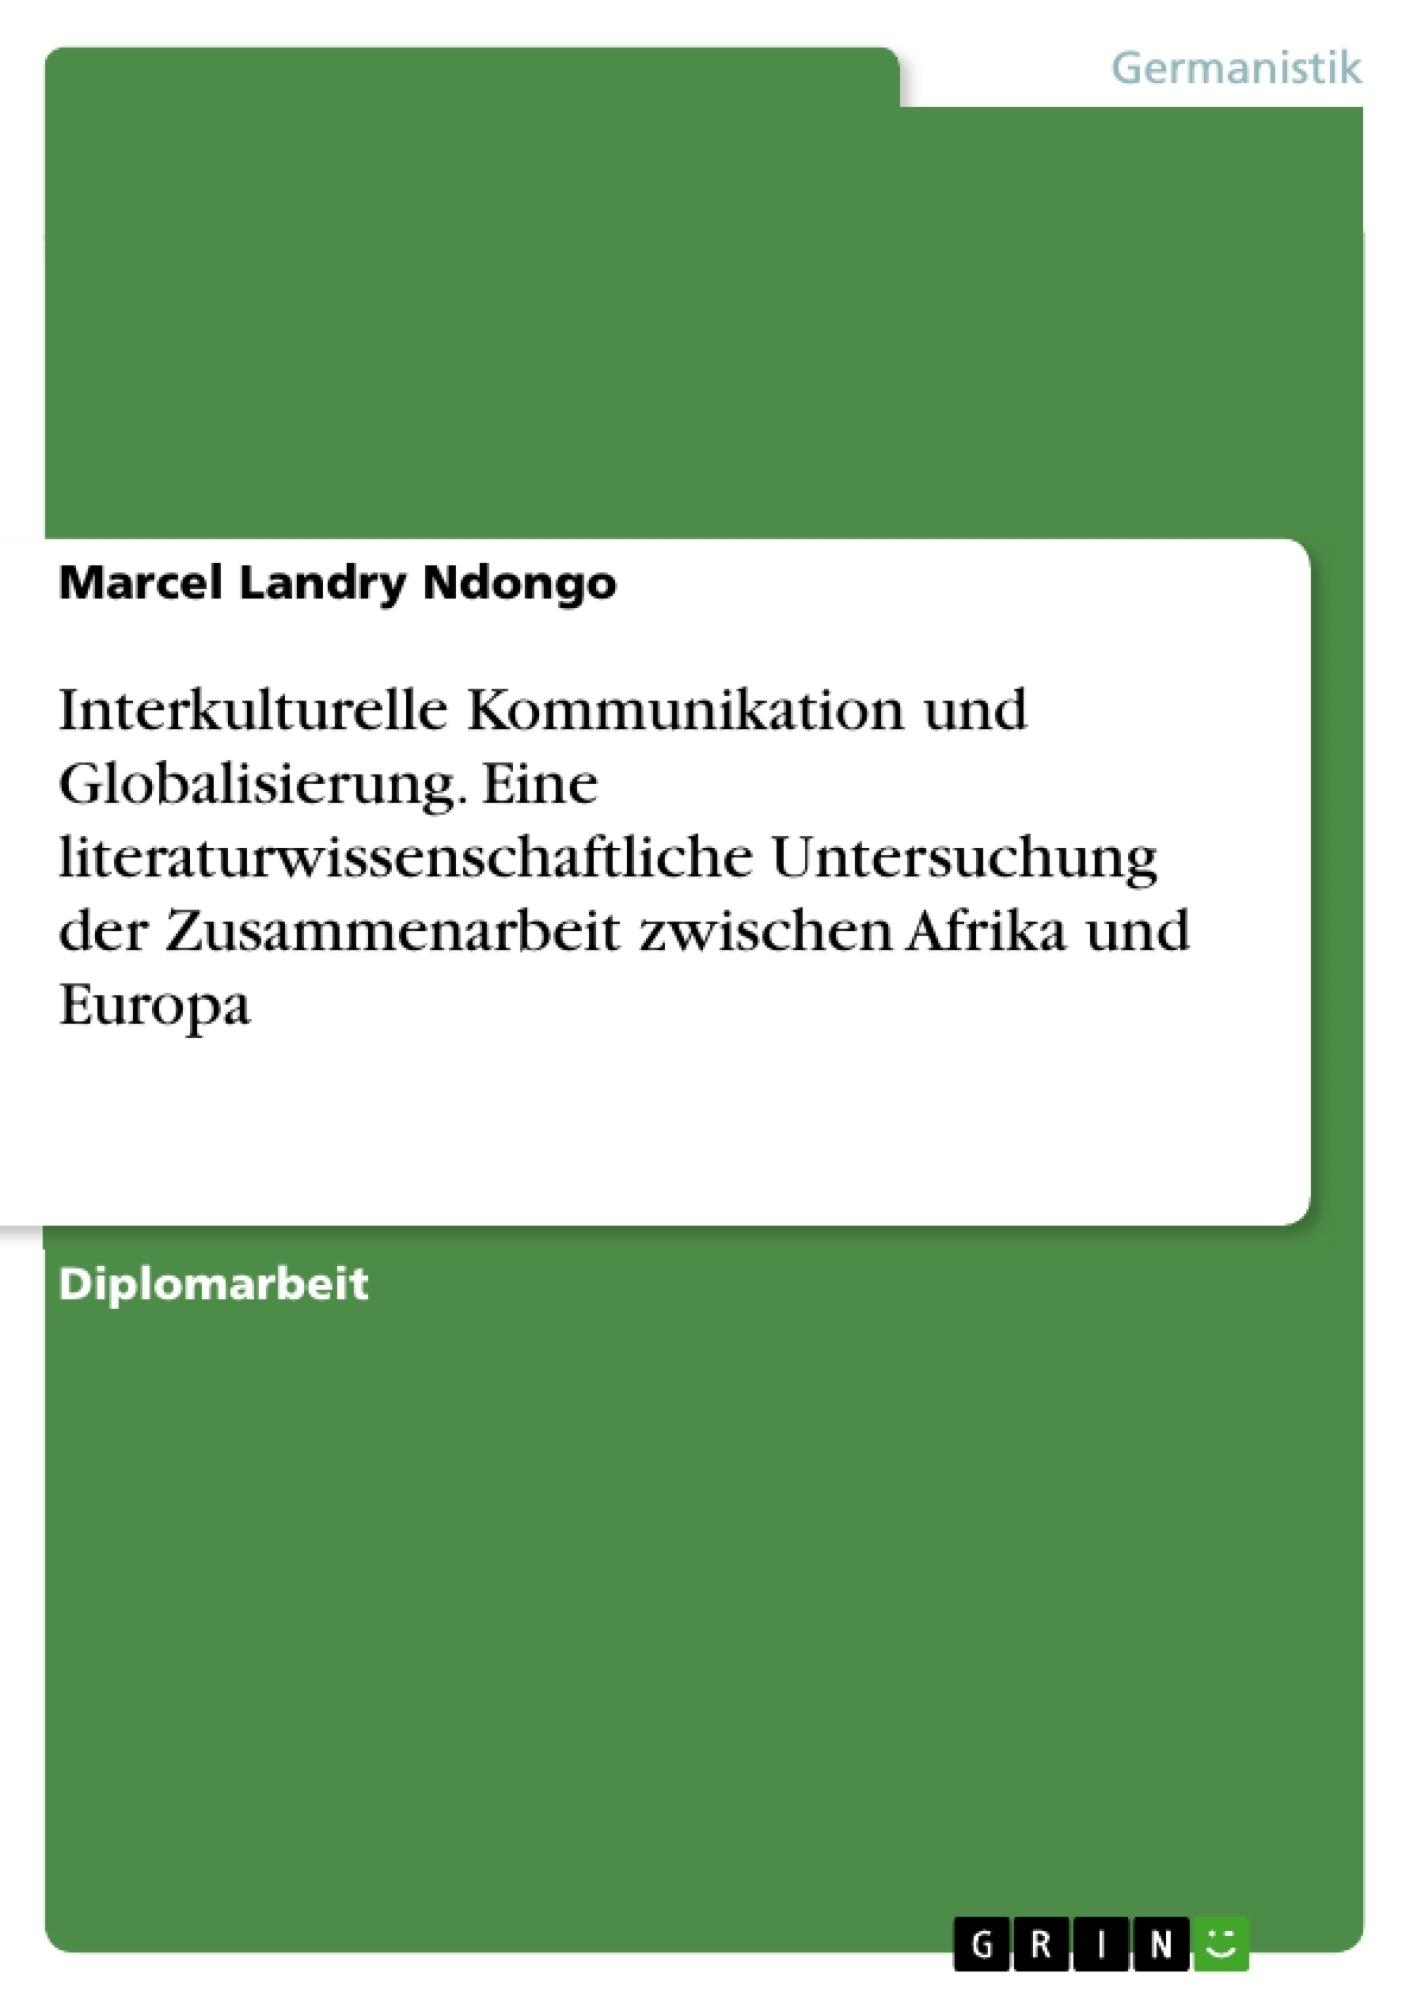 Titel: Interkulturelle Kommunikation und Globalisierung. Eine literaturwissenschaftliche Untersuchung der Zusammenarbeit zwischen Afrika und Europa